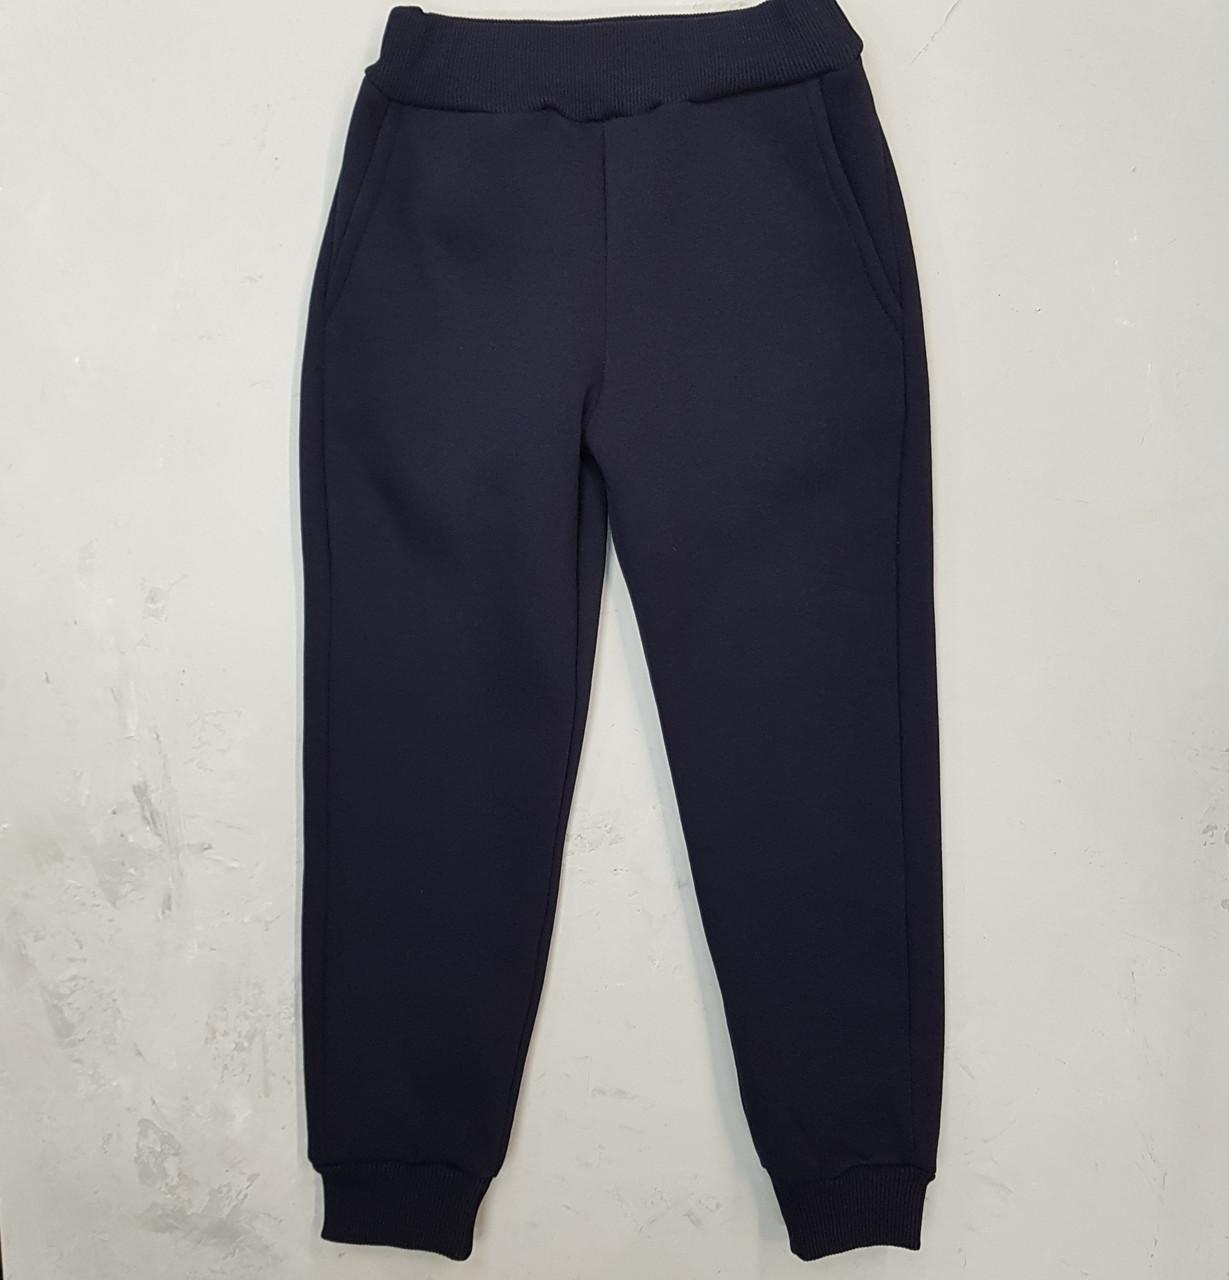 Утепленные спортивные брюки для девочки синие